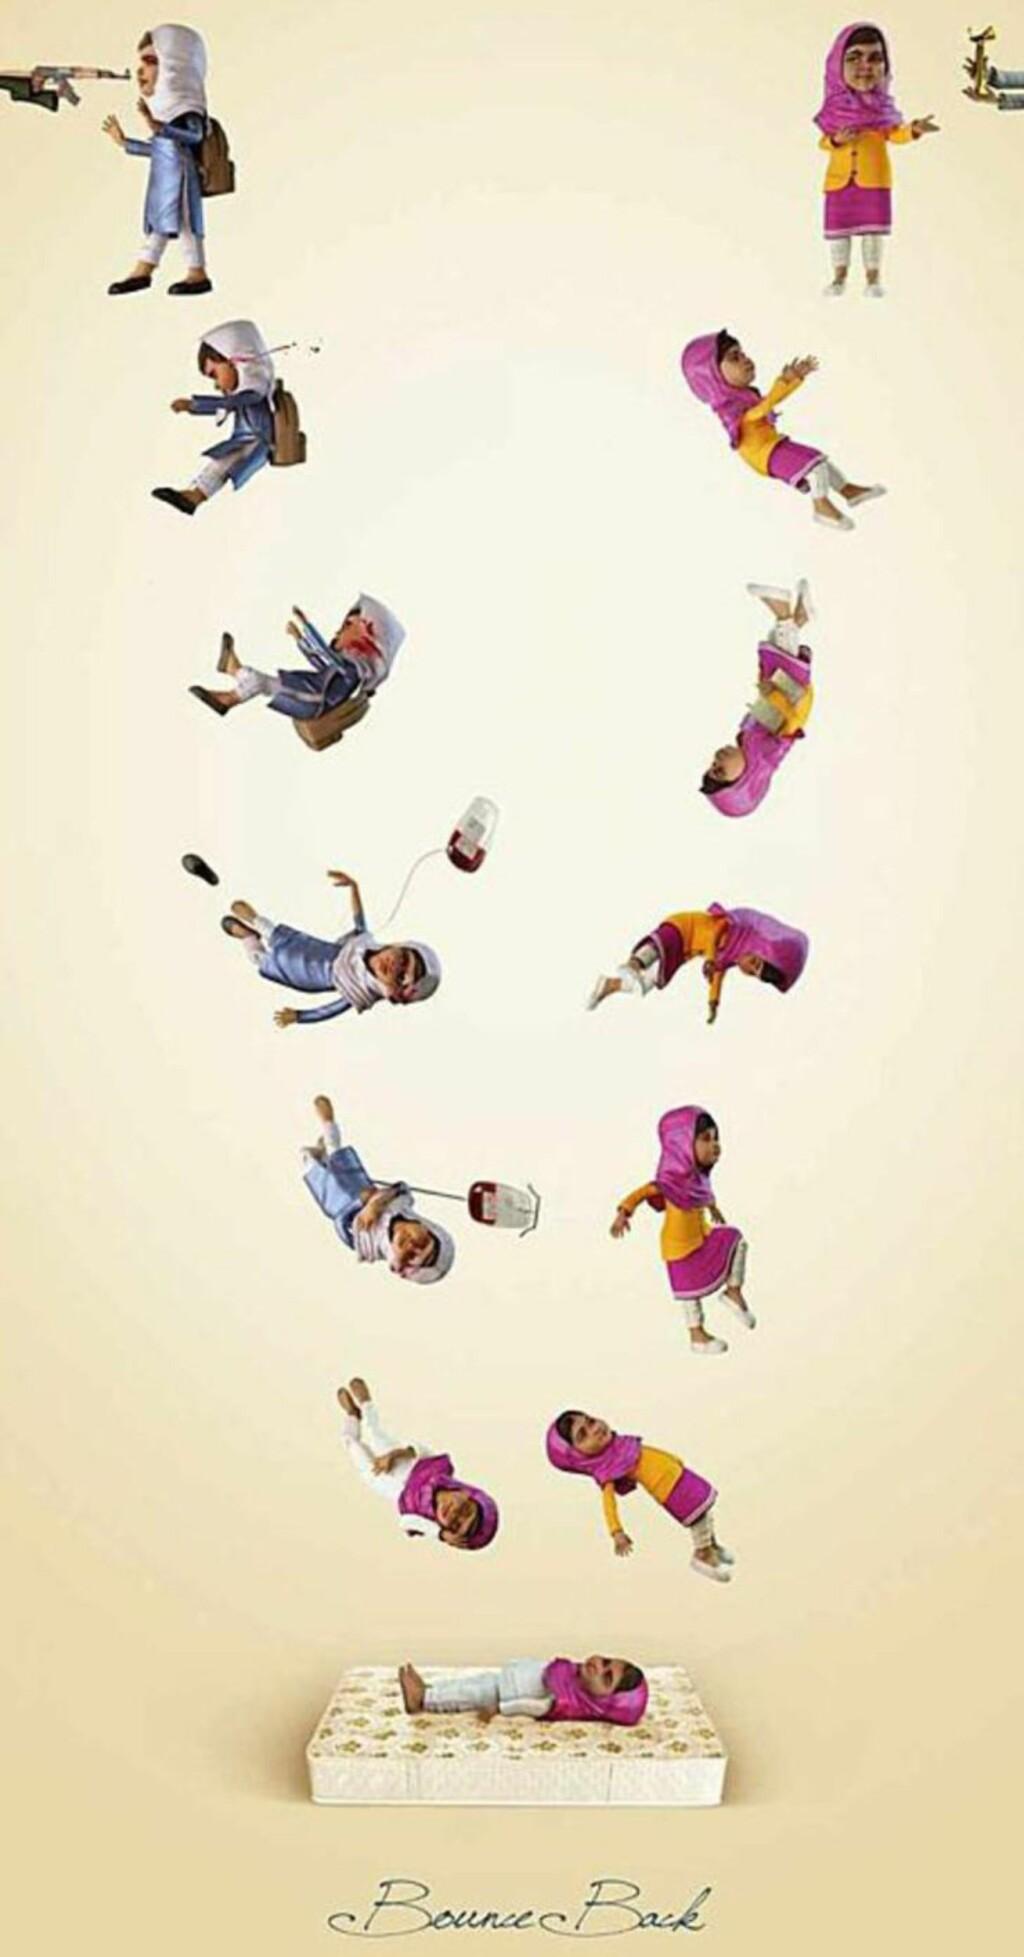 - EN SANN HENDELSE: Selskapet som laget reklamen, sier de handler om å overvinne vold. Men det er ikke alle som synes det var riktig å vise Malala bli skutt i en «humoristisk» reklame.